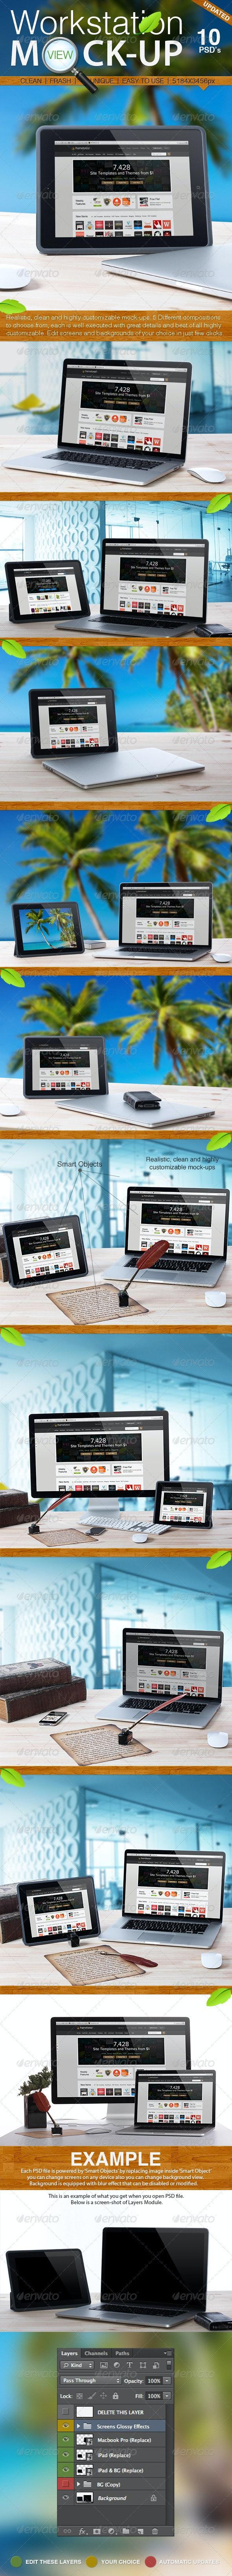 Workstation View Mock-up - Multiple Displays